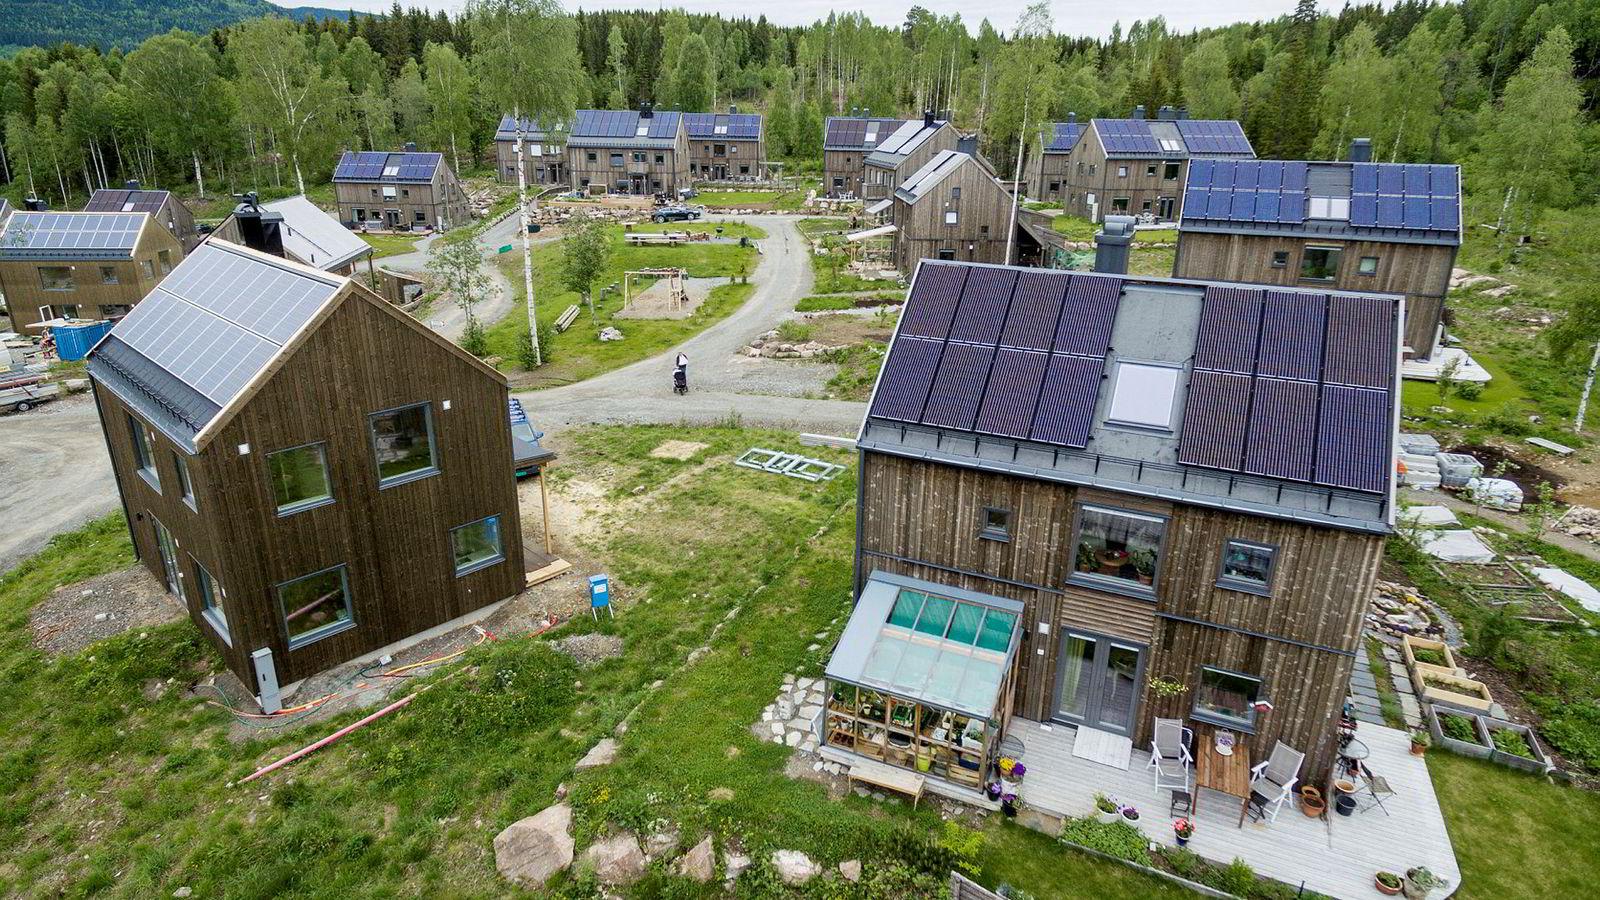 Beboerne i Økolandsbyen i Hurdal i Akerhus dyrker økologiske grønnsaker i hagen. Husene er nesten utelukkende bygget i trevirke og naturmaterialer og har solcellepaneler på taket for å være mest mulig selvforsynt med strøm.